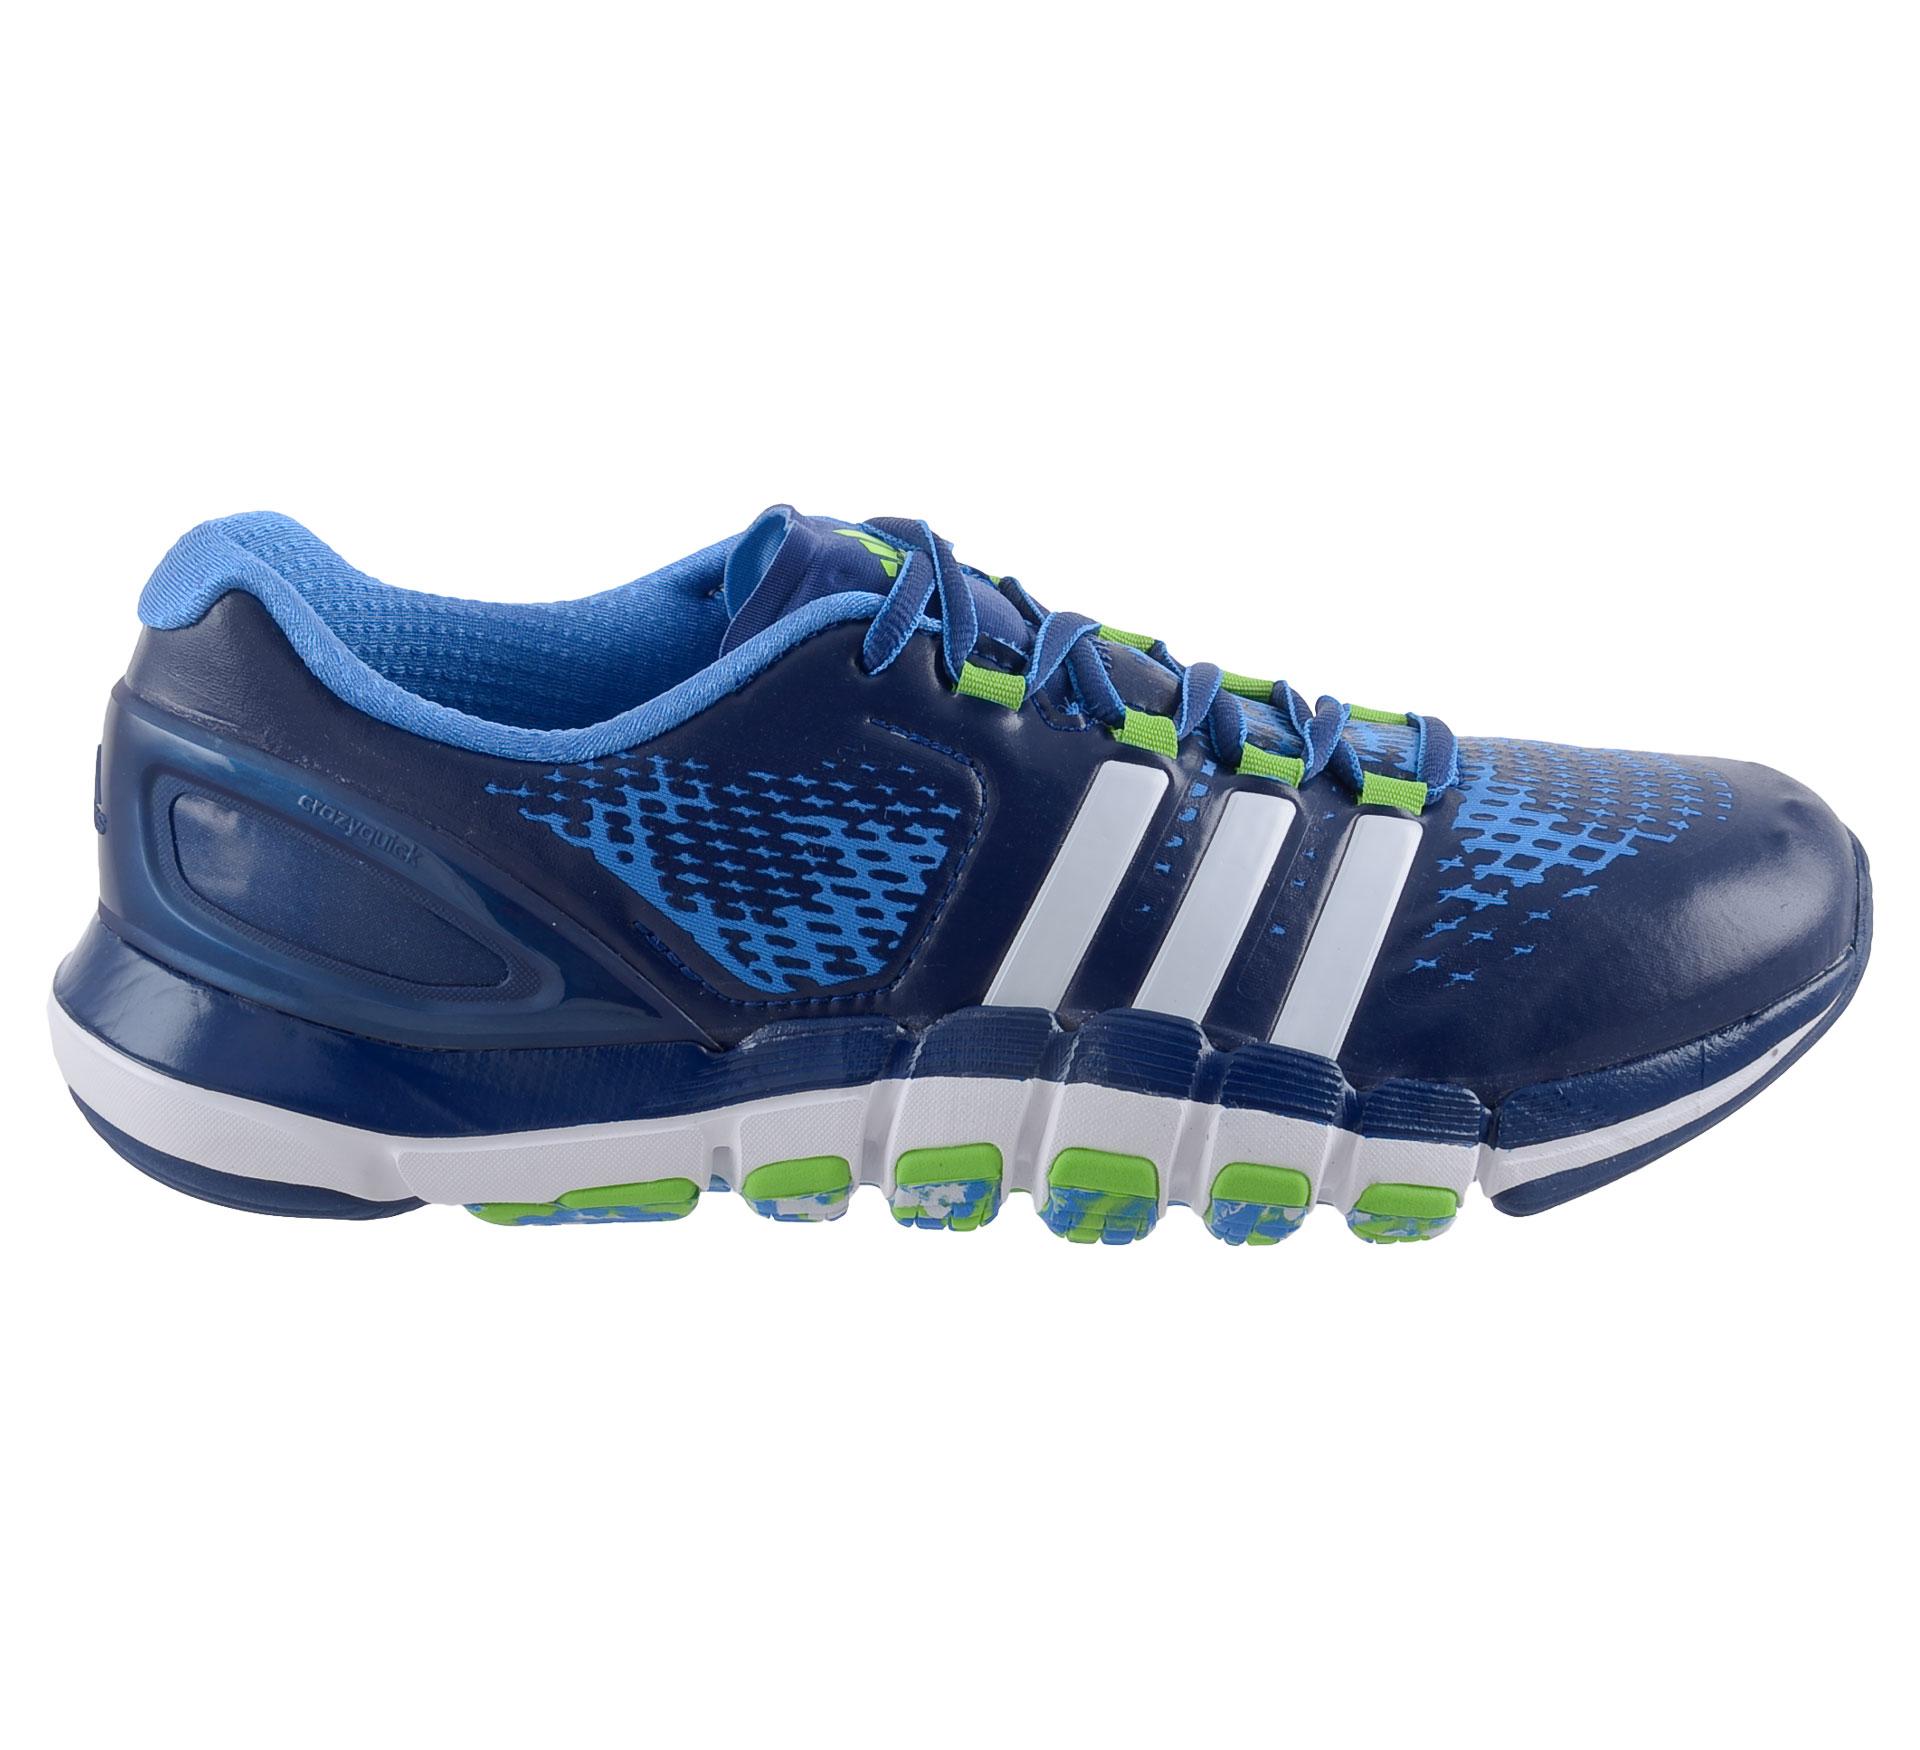 Adidas AdiPure Crazyquick Fitness Schoenen Heren blauw - groen - wit